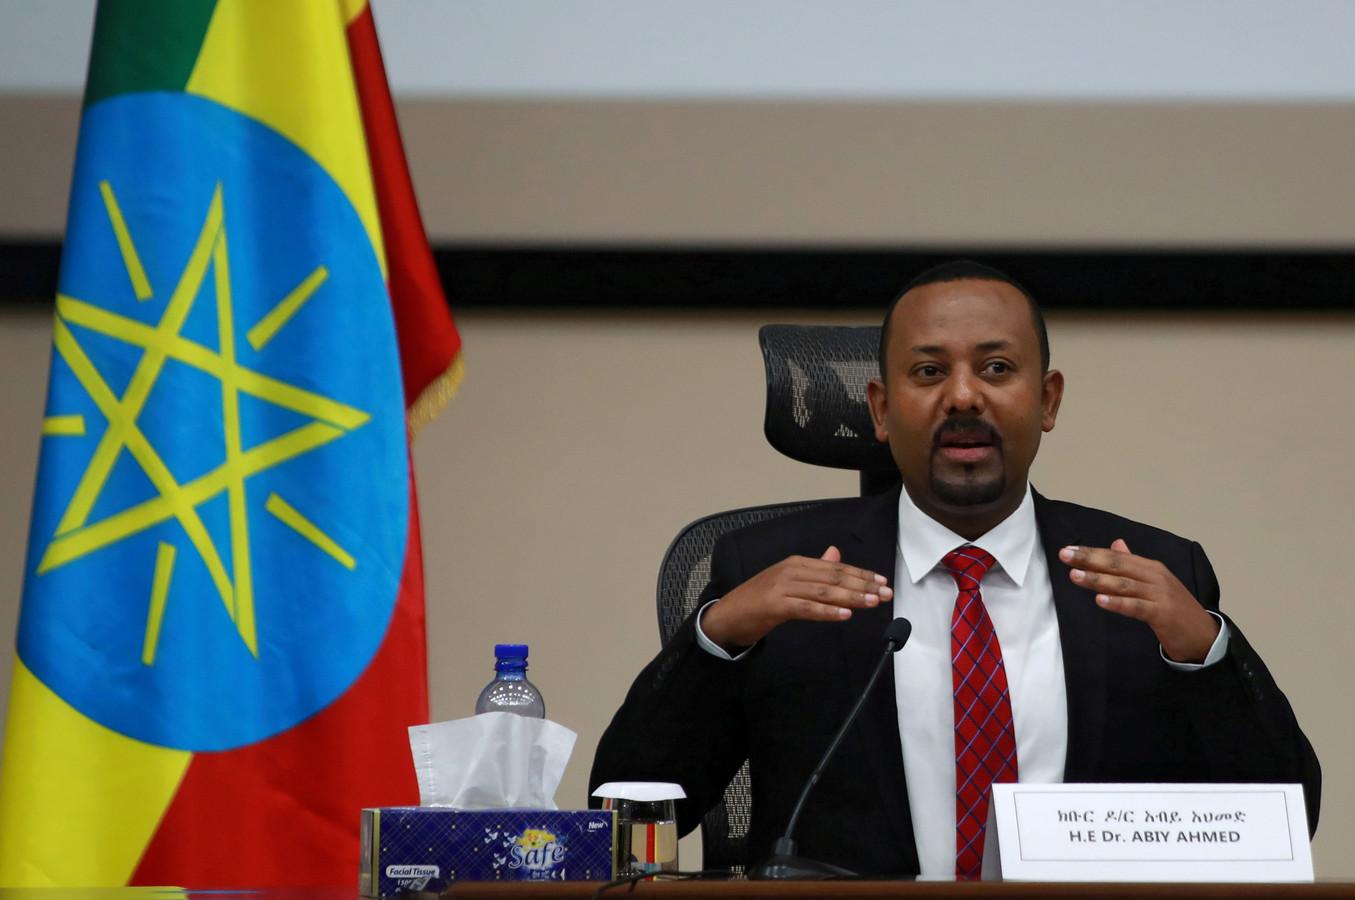 Sinds de Ethiopische premier Abiy Ahmed aan de macht kwam zijn de spanningen tussen de verschillende bevolkingsgroepen in zijn land toegenomen.